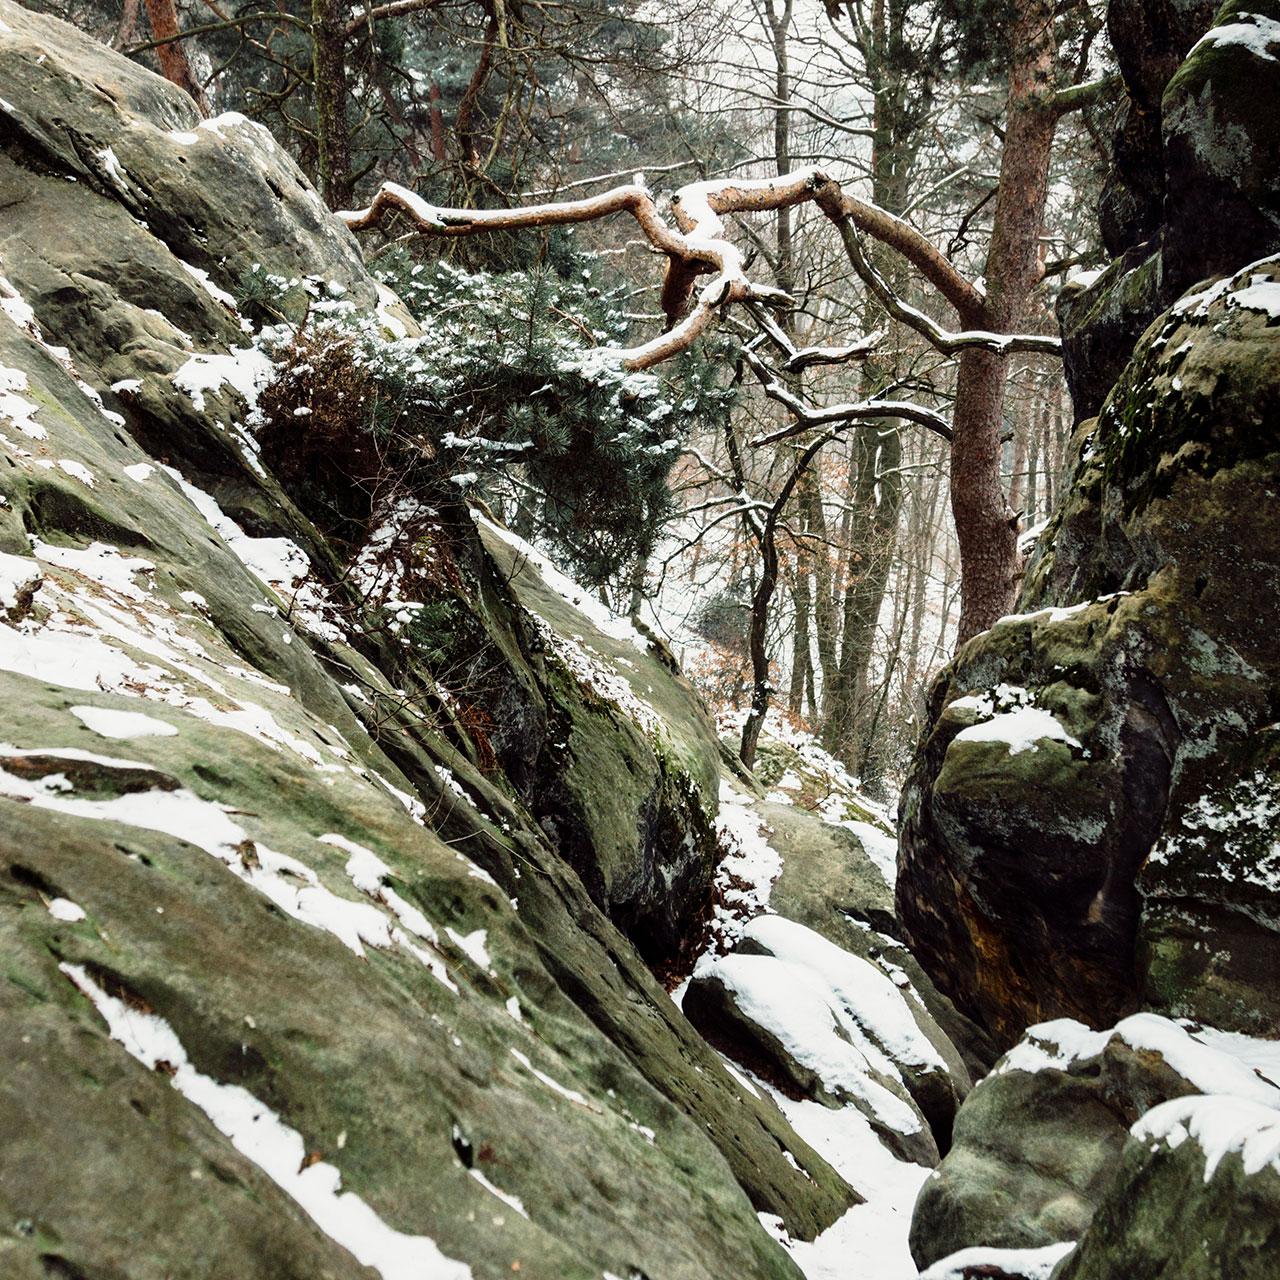 Dörenther Klippen im Winter